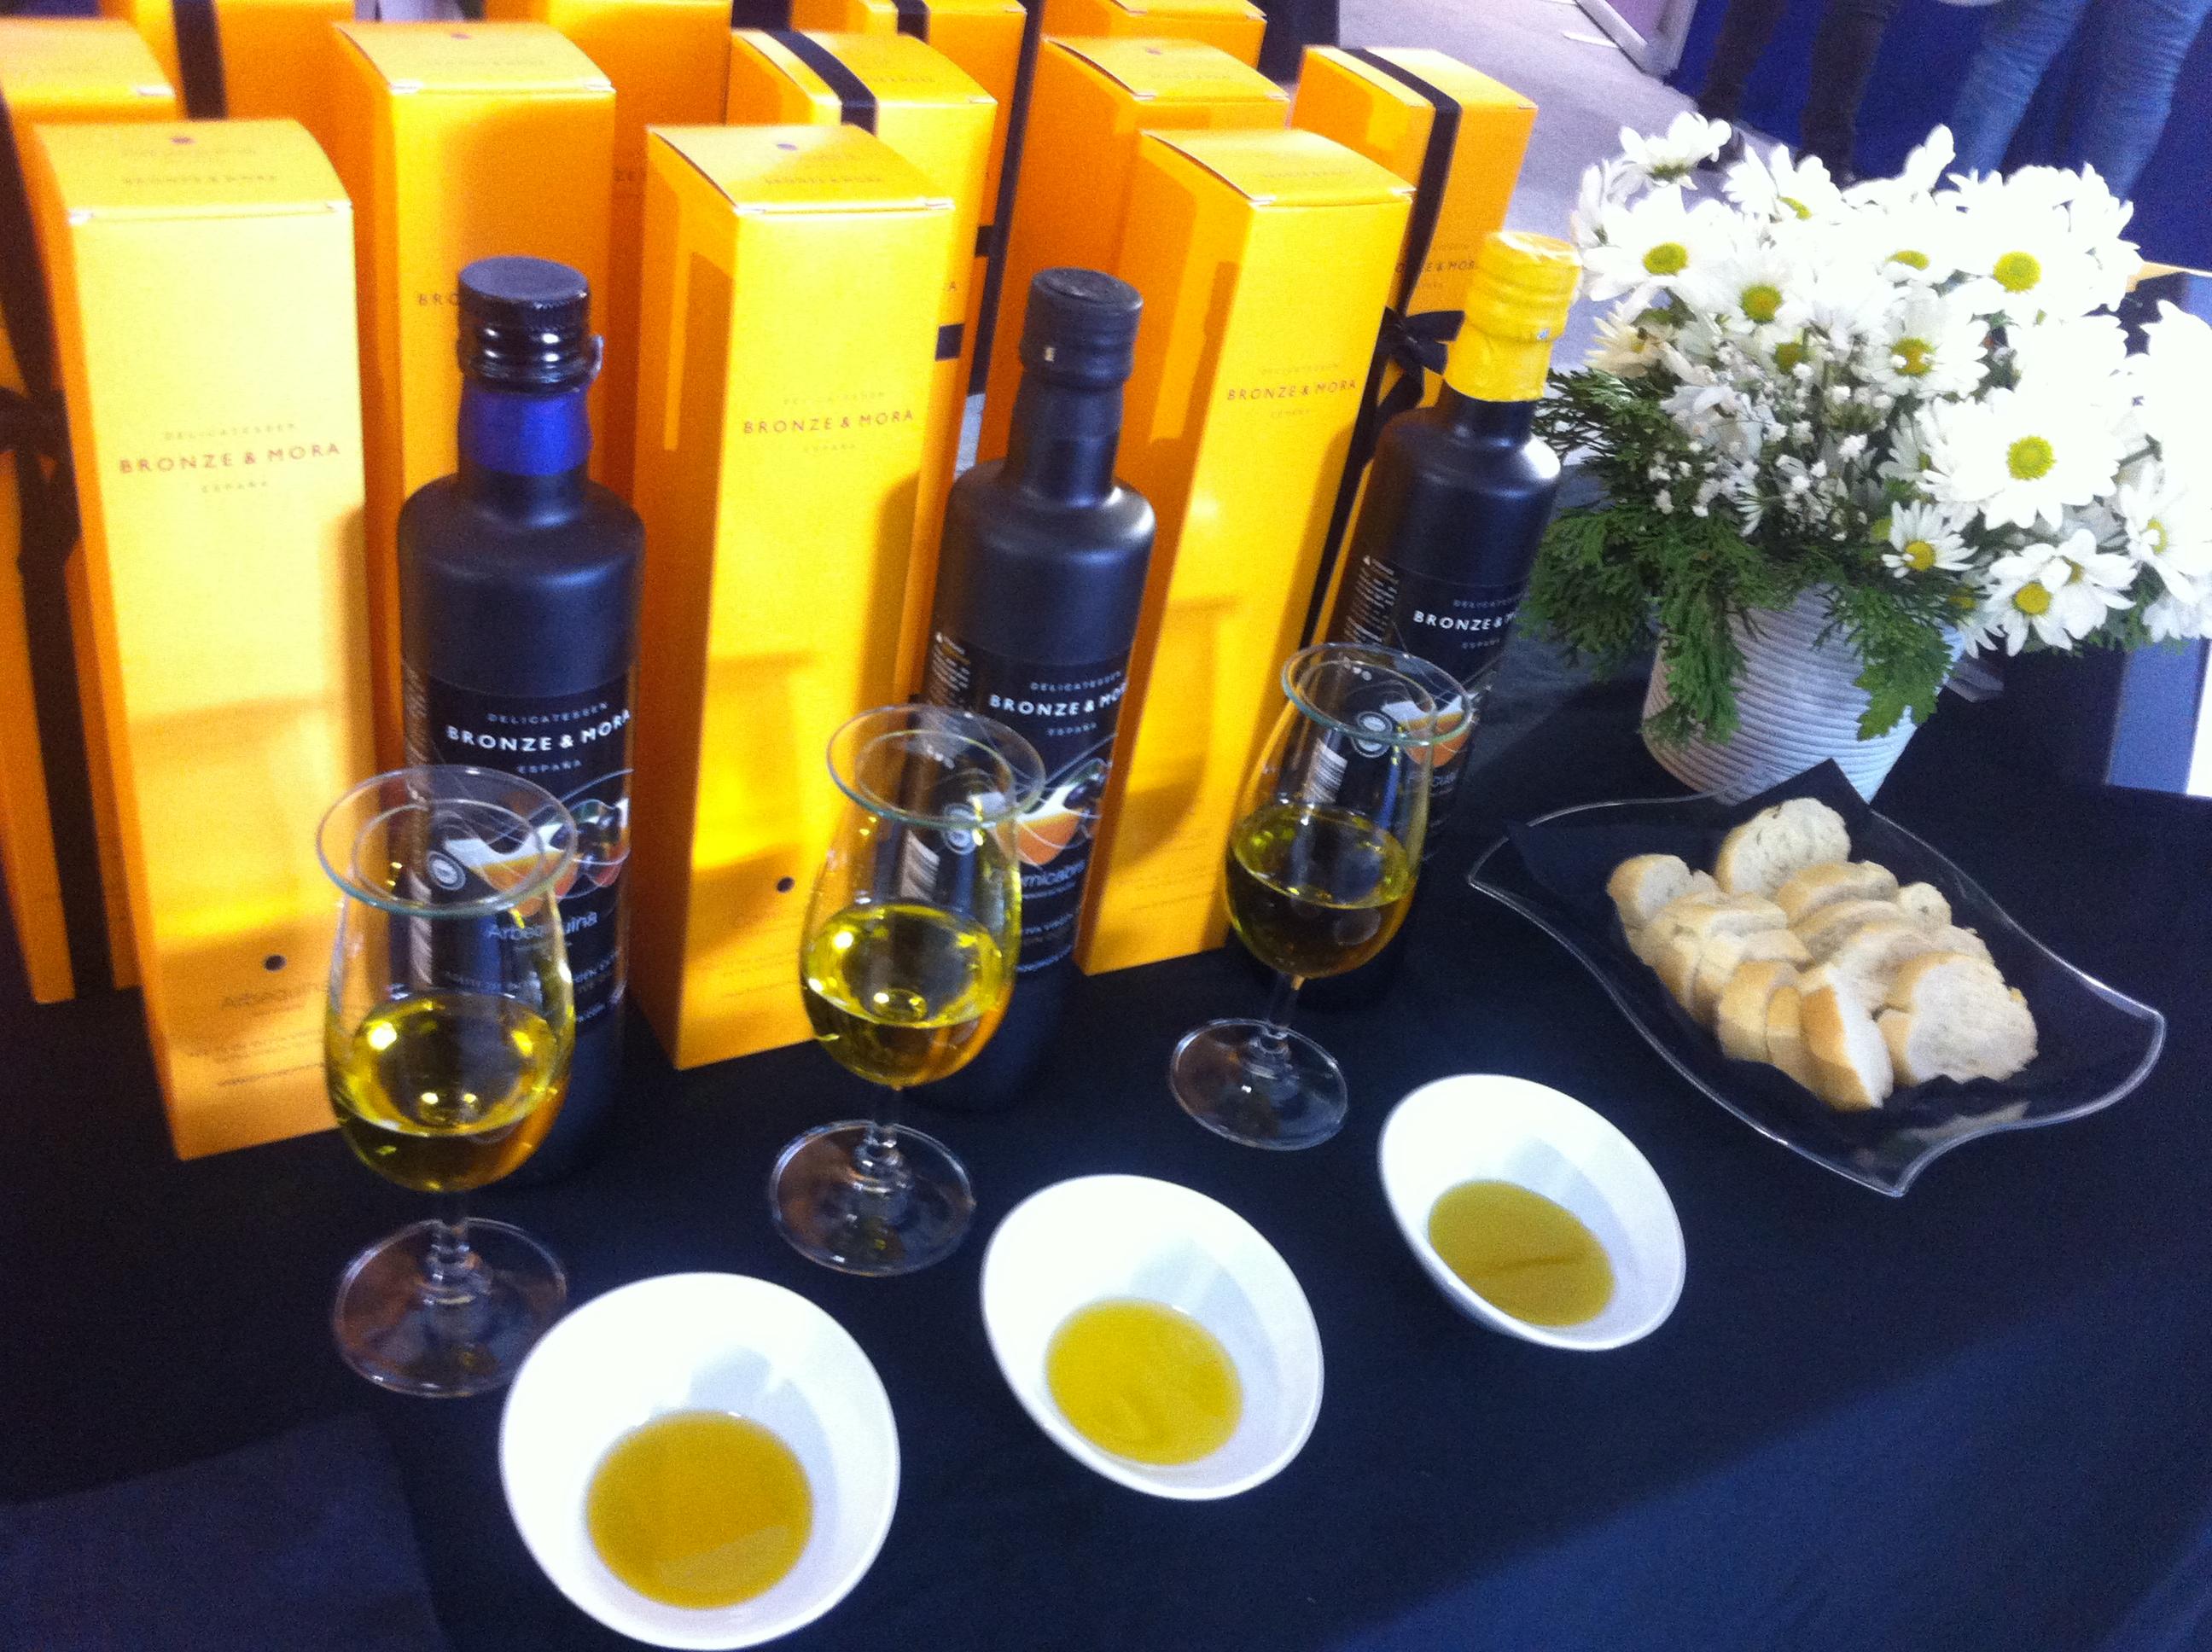 AOVESOL-2015-Bronze-&-Mora-los-mejores-aceites-de-oliva-virgen-extra-con-denominación-de-origen-protegida-aove-ideal-para-regalar-delicatessen-gourmet-aovelovers